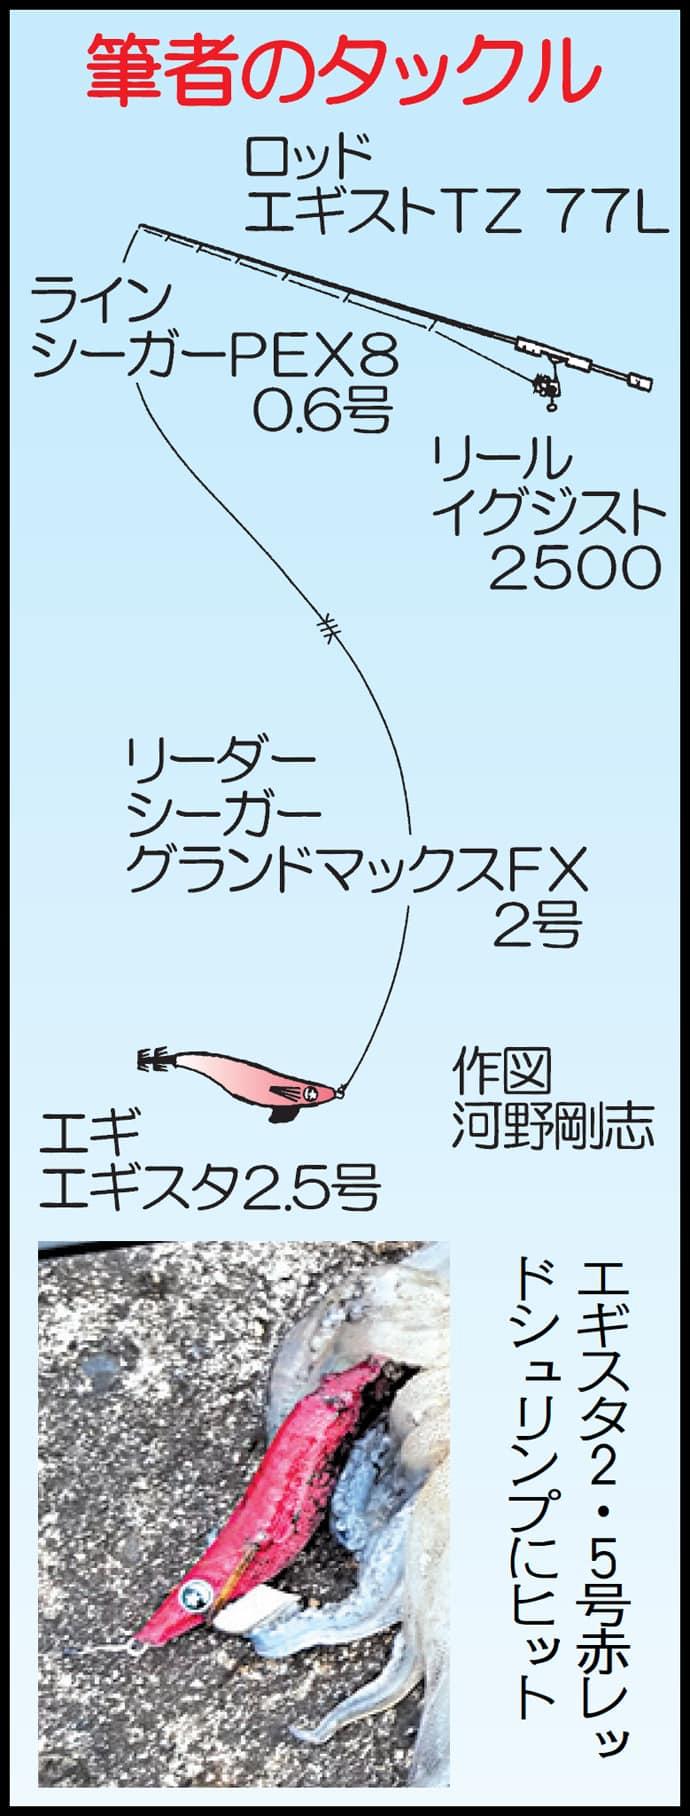 アオリイカ新子狙いのエギングで500g頭に5尾【鹿児島県・枕崎港】